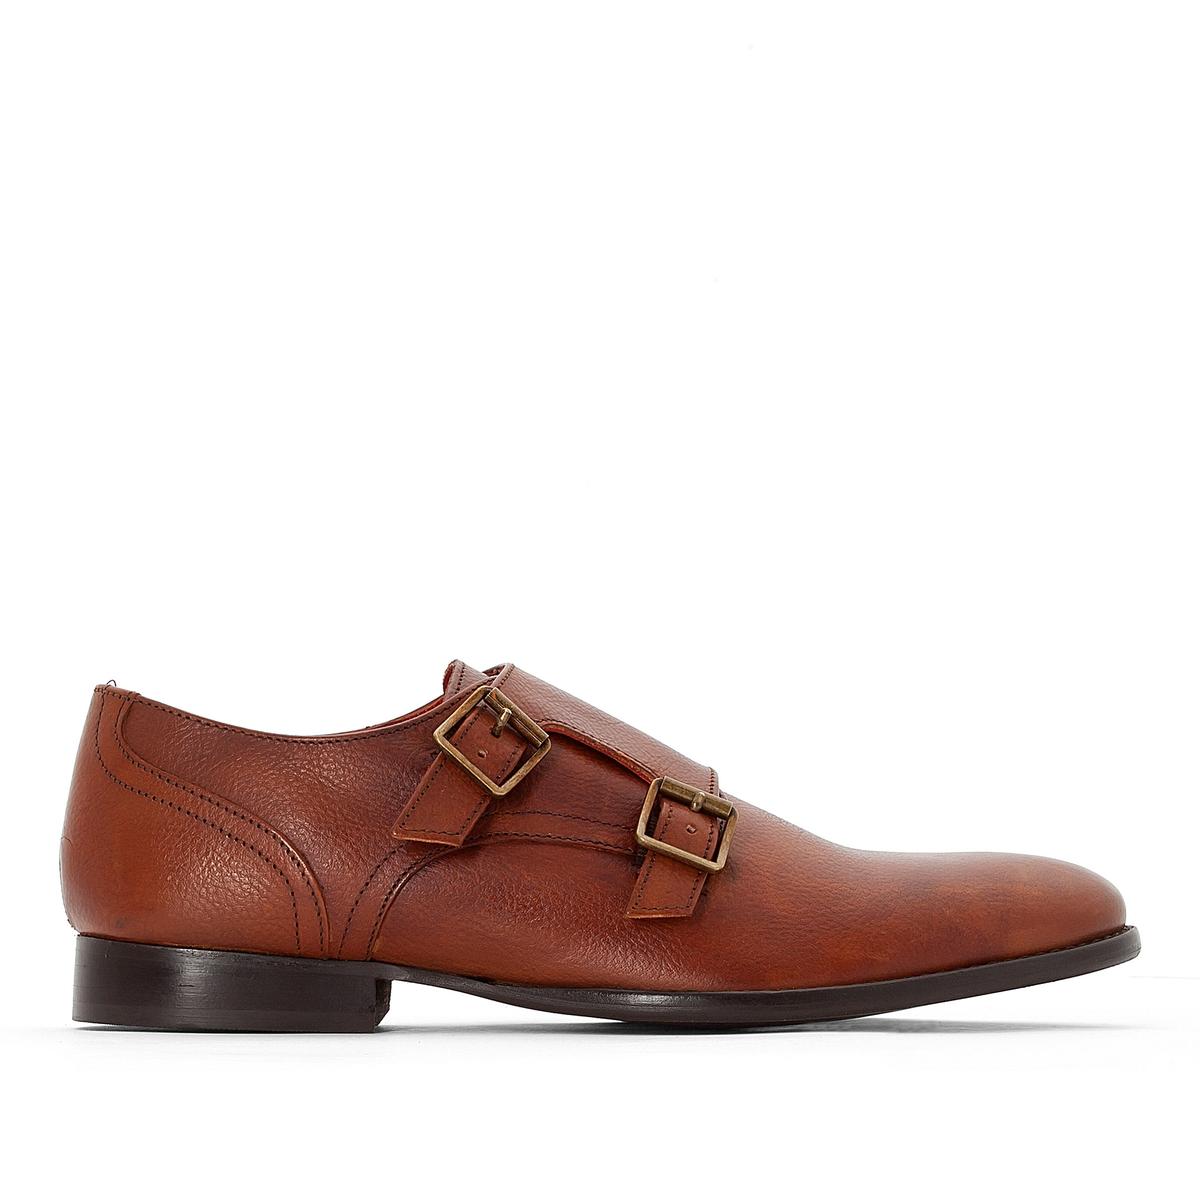 Ботинки-дерби кожаные ConranВерх : кожа               Подкладка : кожа, текстиль               Стелька : кожа               Подошва : каучук               Высота каблука : 2,3 см               Застежка : пряжка<br><br>Цвет: темно-коричневый